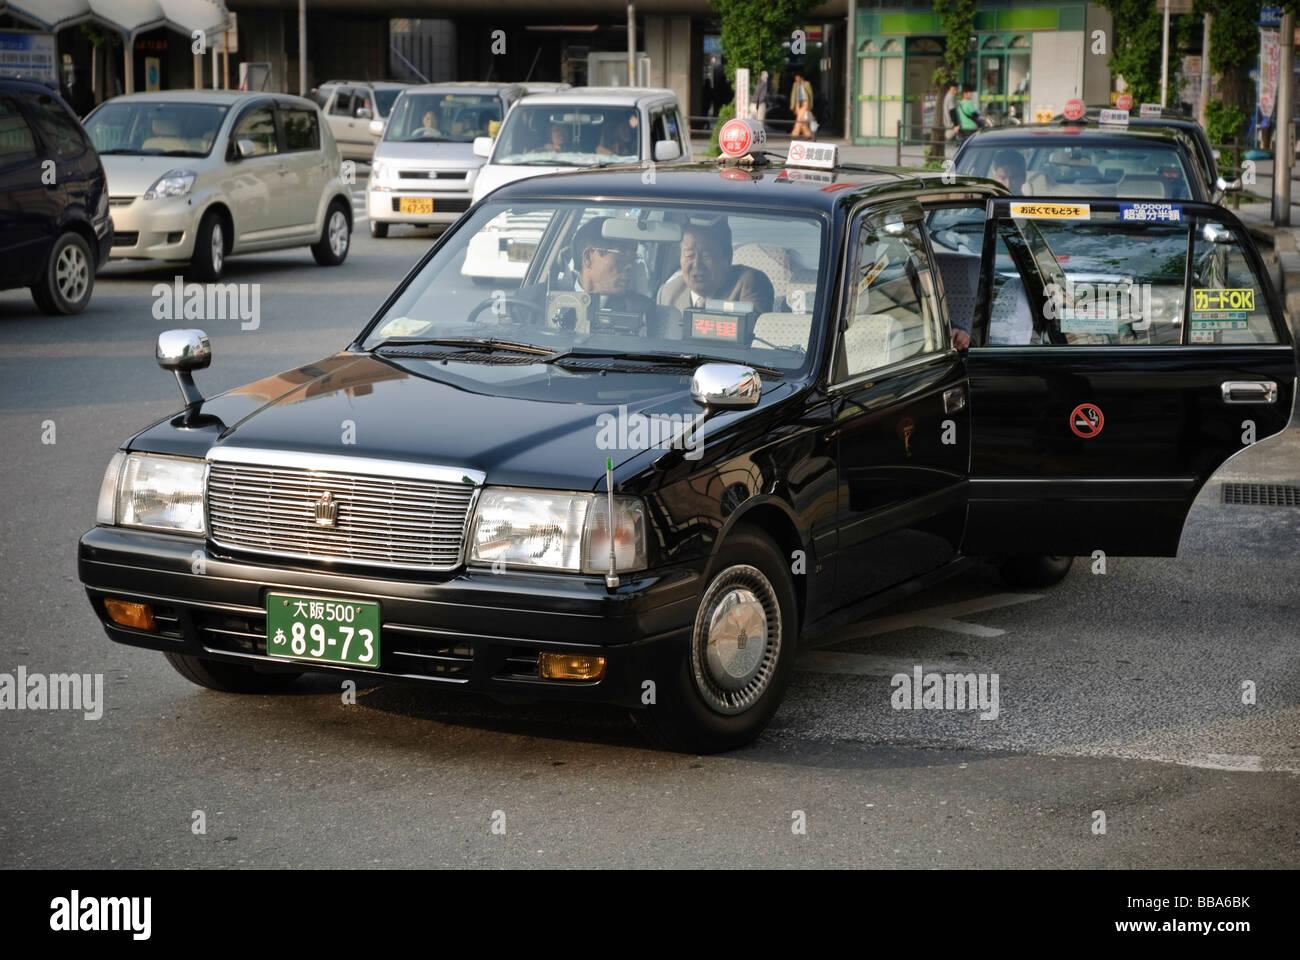 Kelebihan Kekurangan Toyota Crown 1990 Review